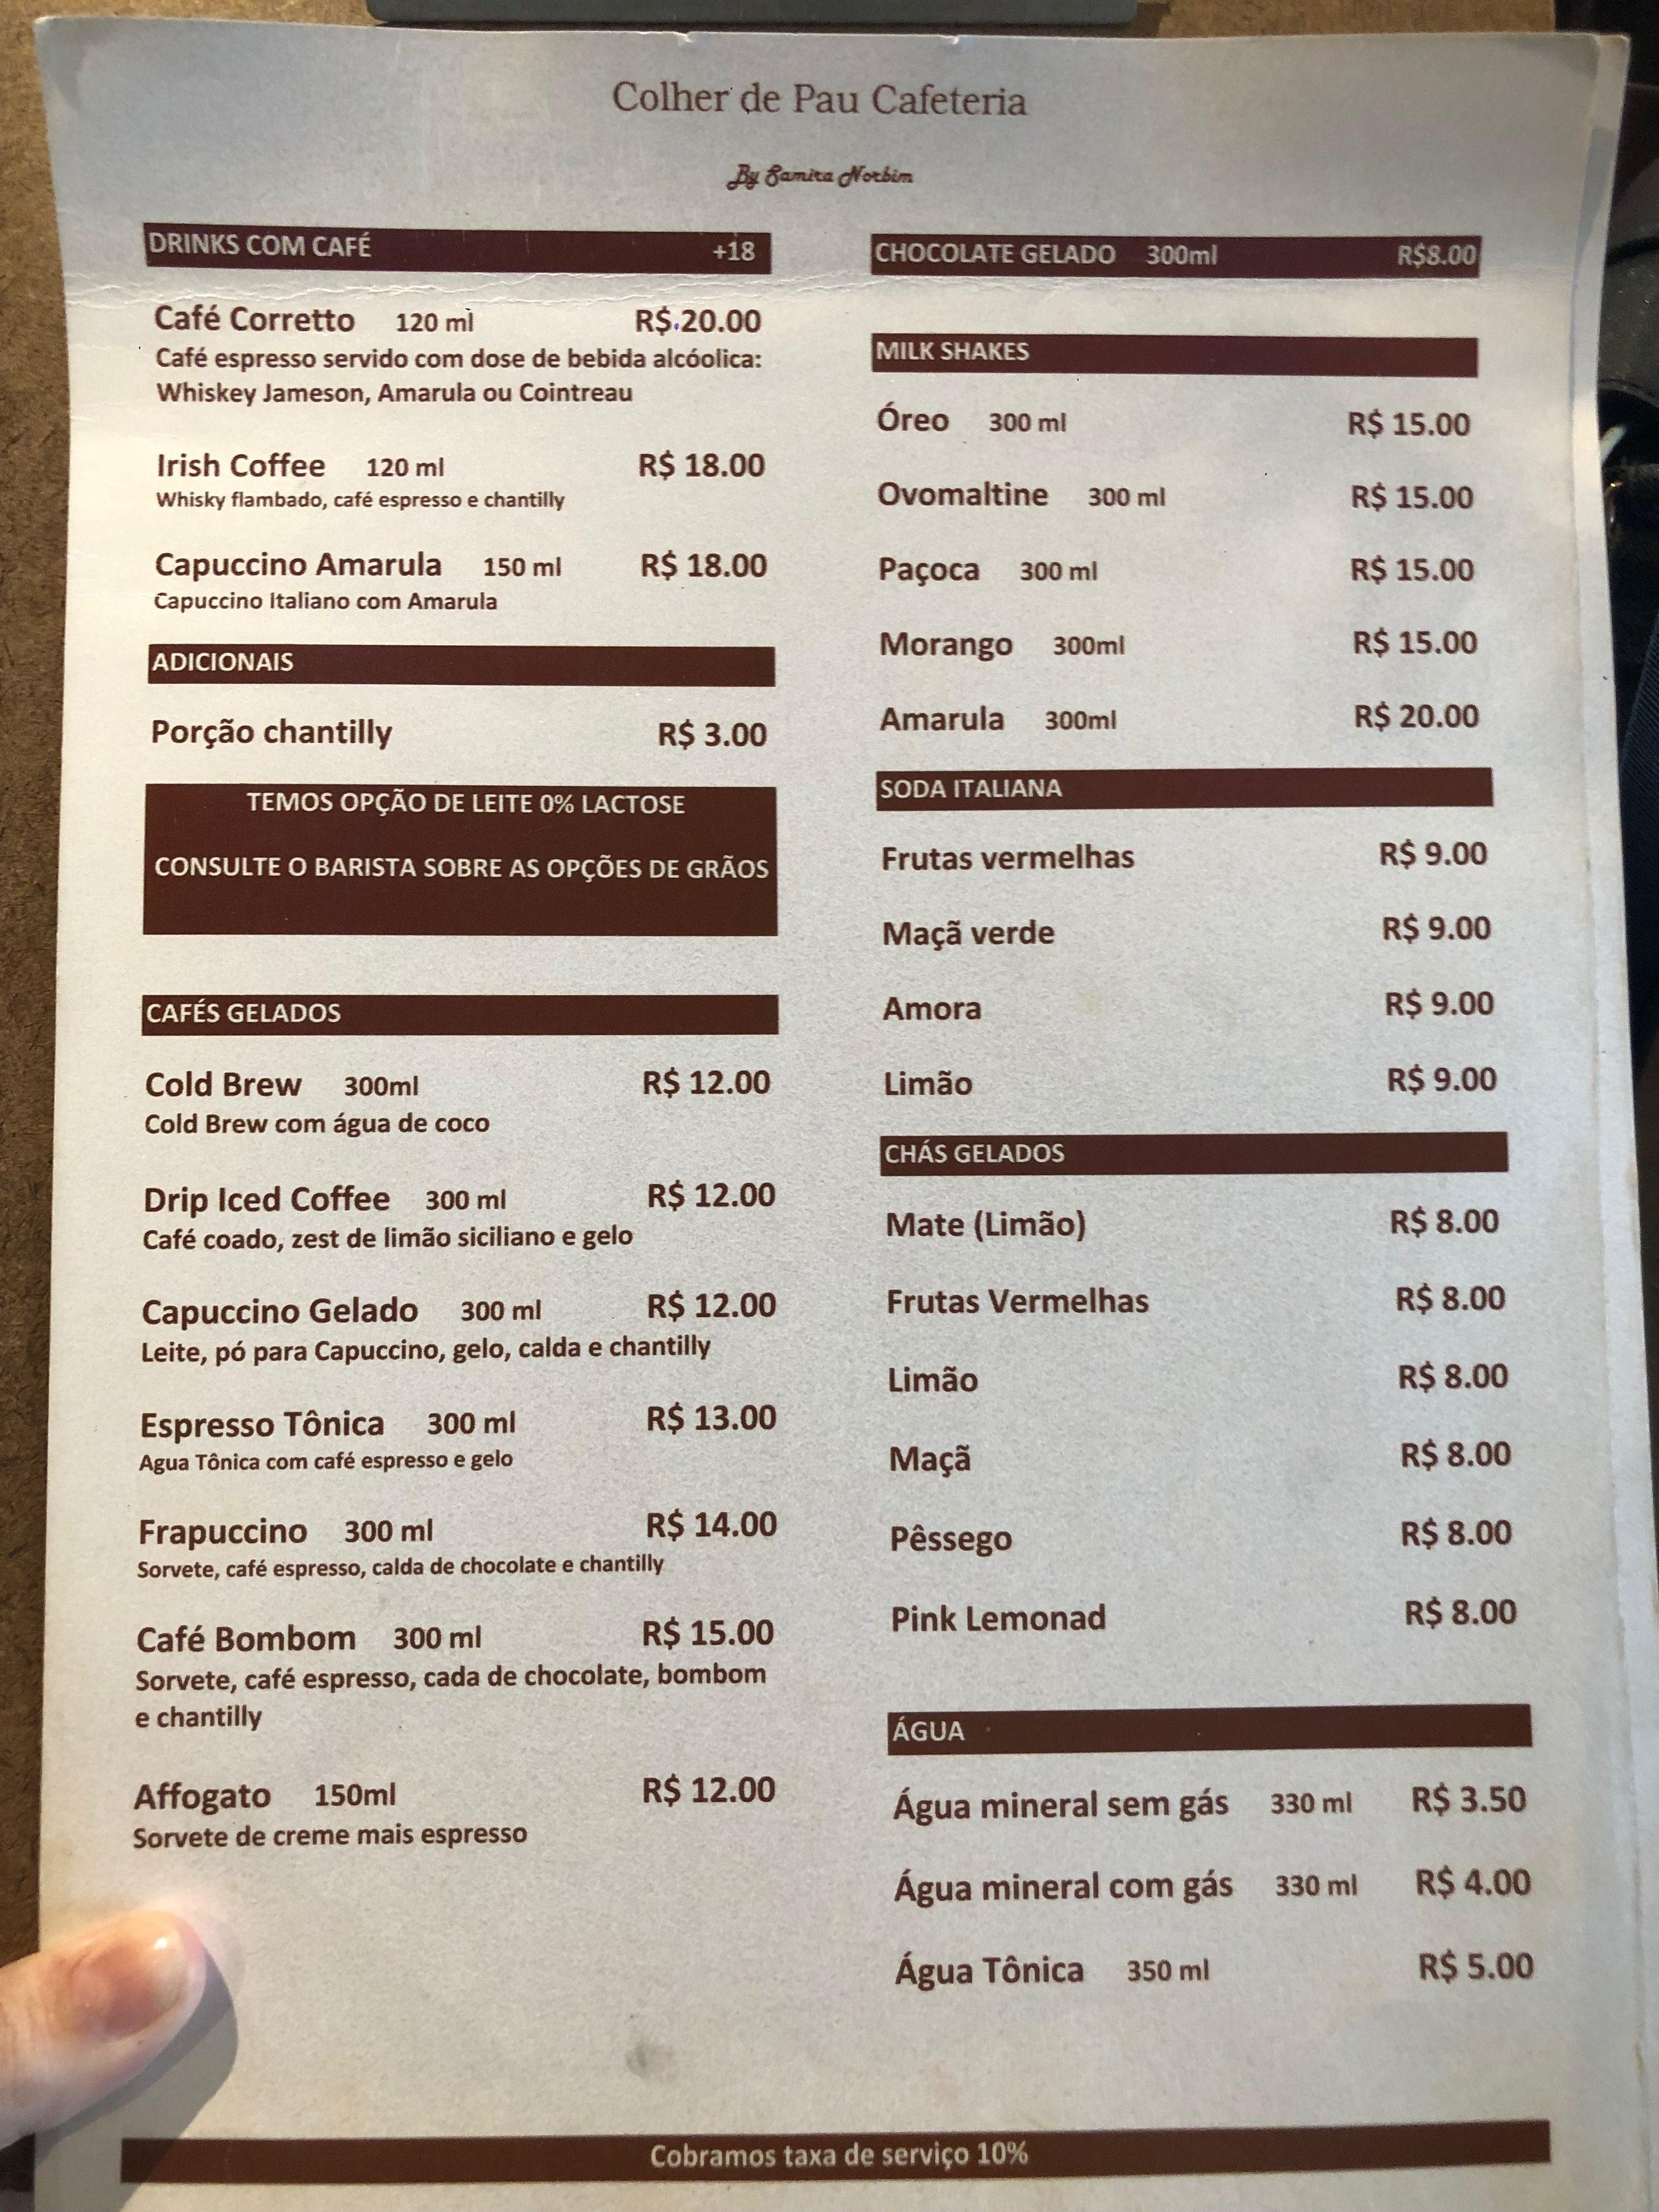 cafeteria colher de pau – 2